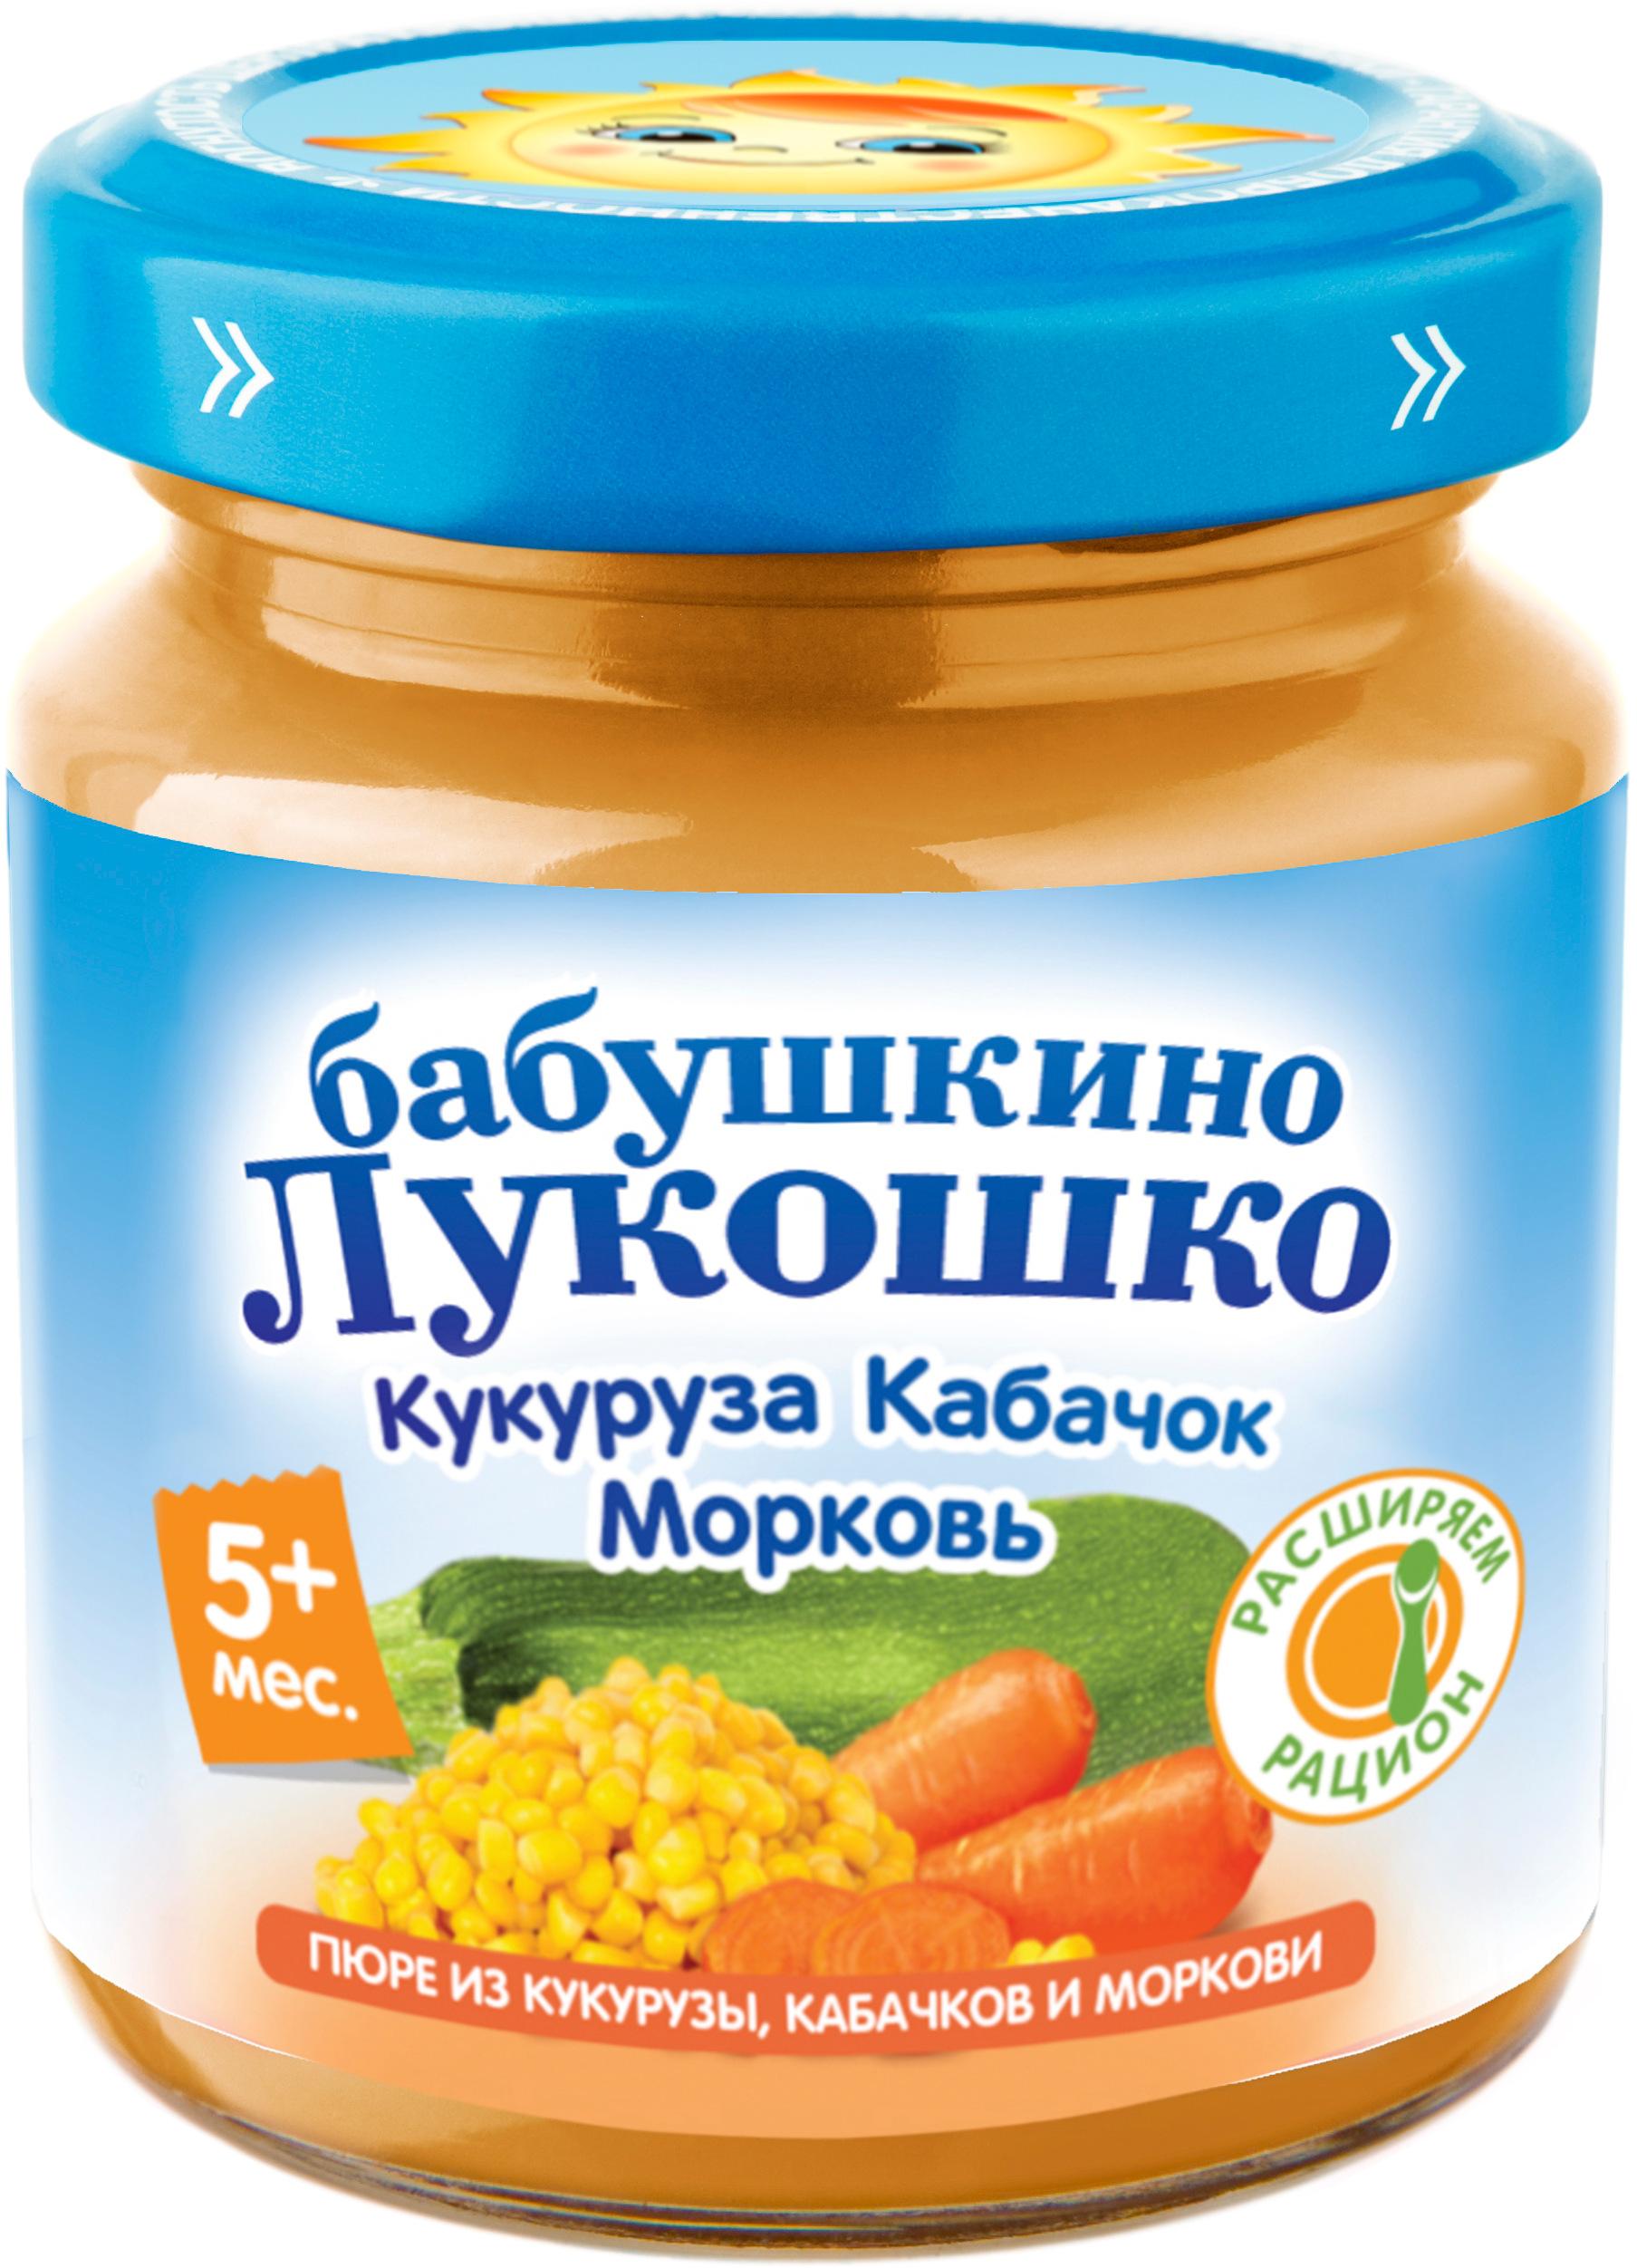 Овощное Бабушкино лукошко Пюре Бабушкино Лукошко Кукуруза,кабачки и морковь с 5 мес. 100 г бабушкино лукошко кабачок морковь молоко бабушкино лукошко